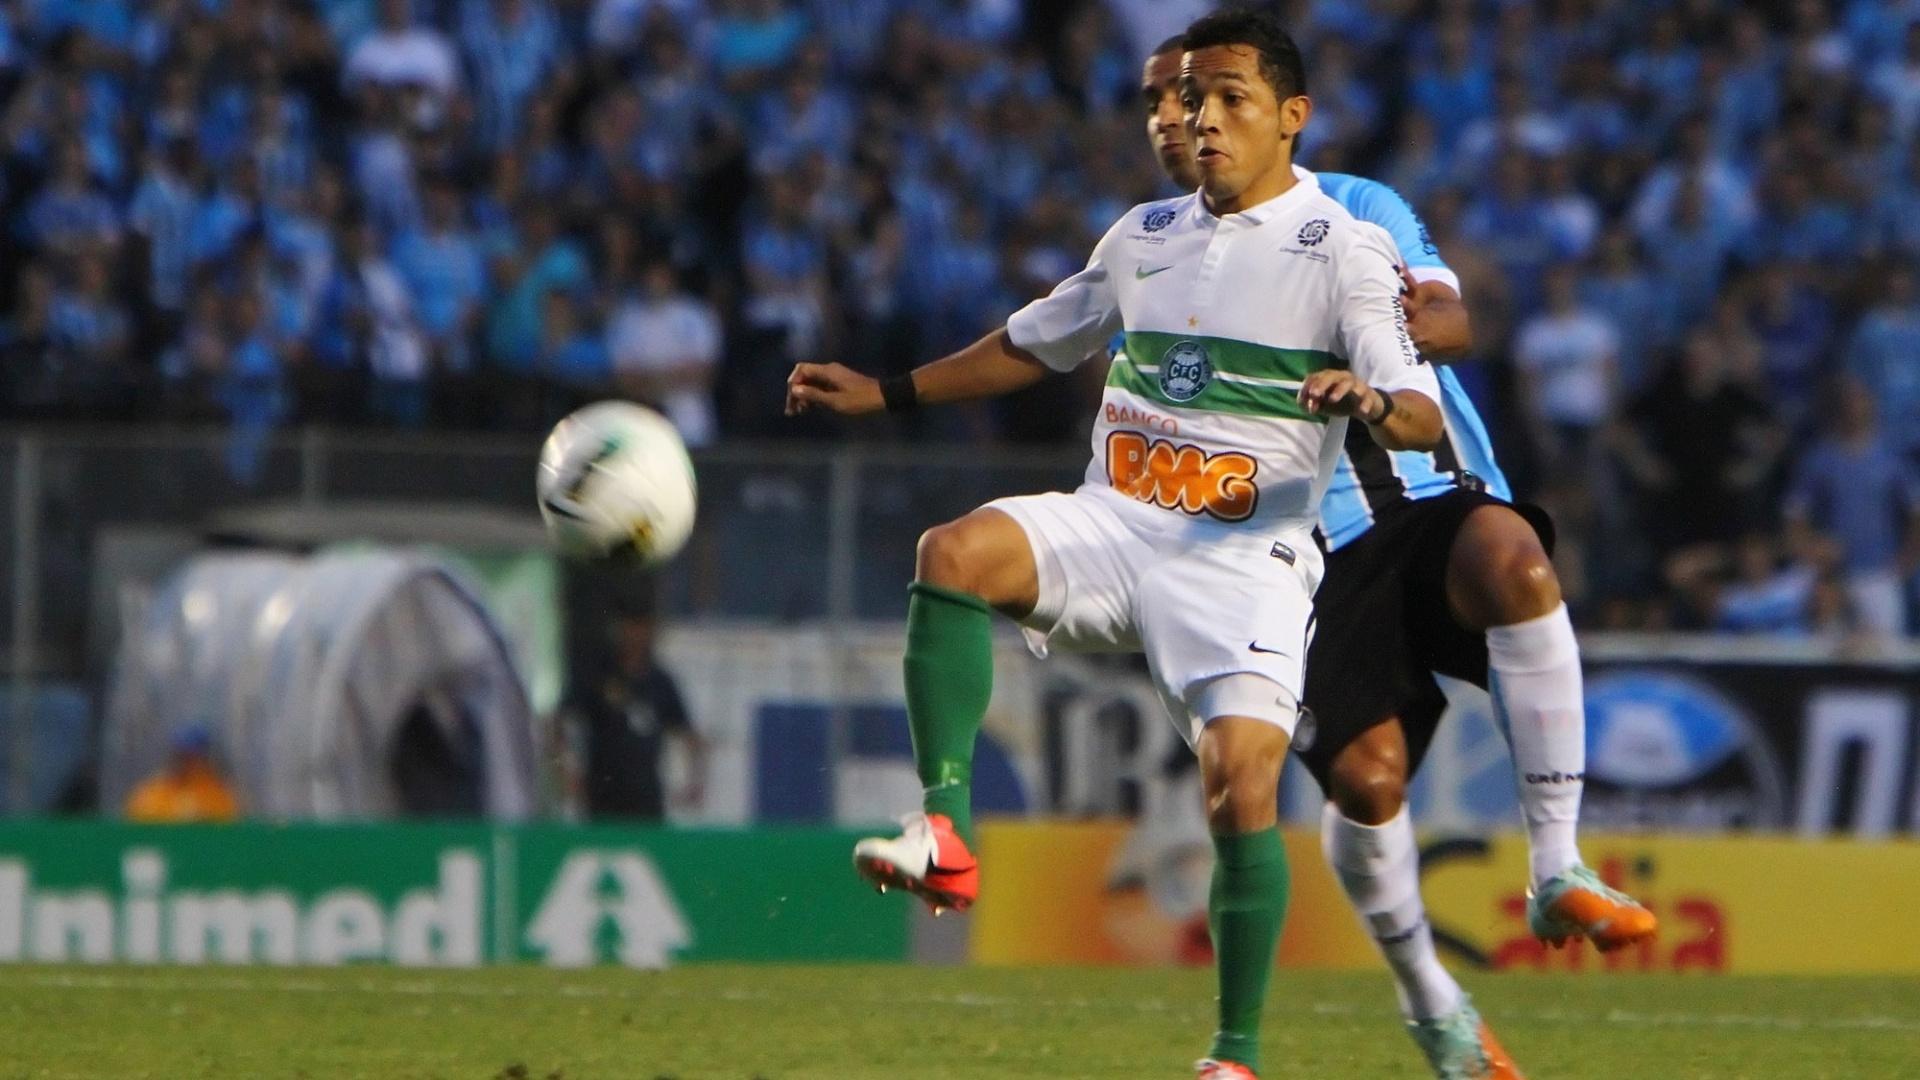 Jogadores de Grêmio e Coritiba disputam pela bola durante partido no Olímpico pela 32ª rodada do Brasileiro